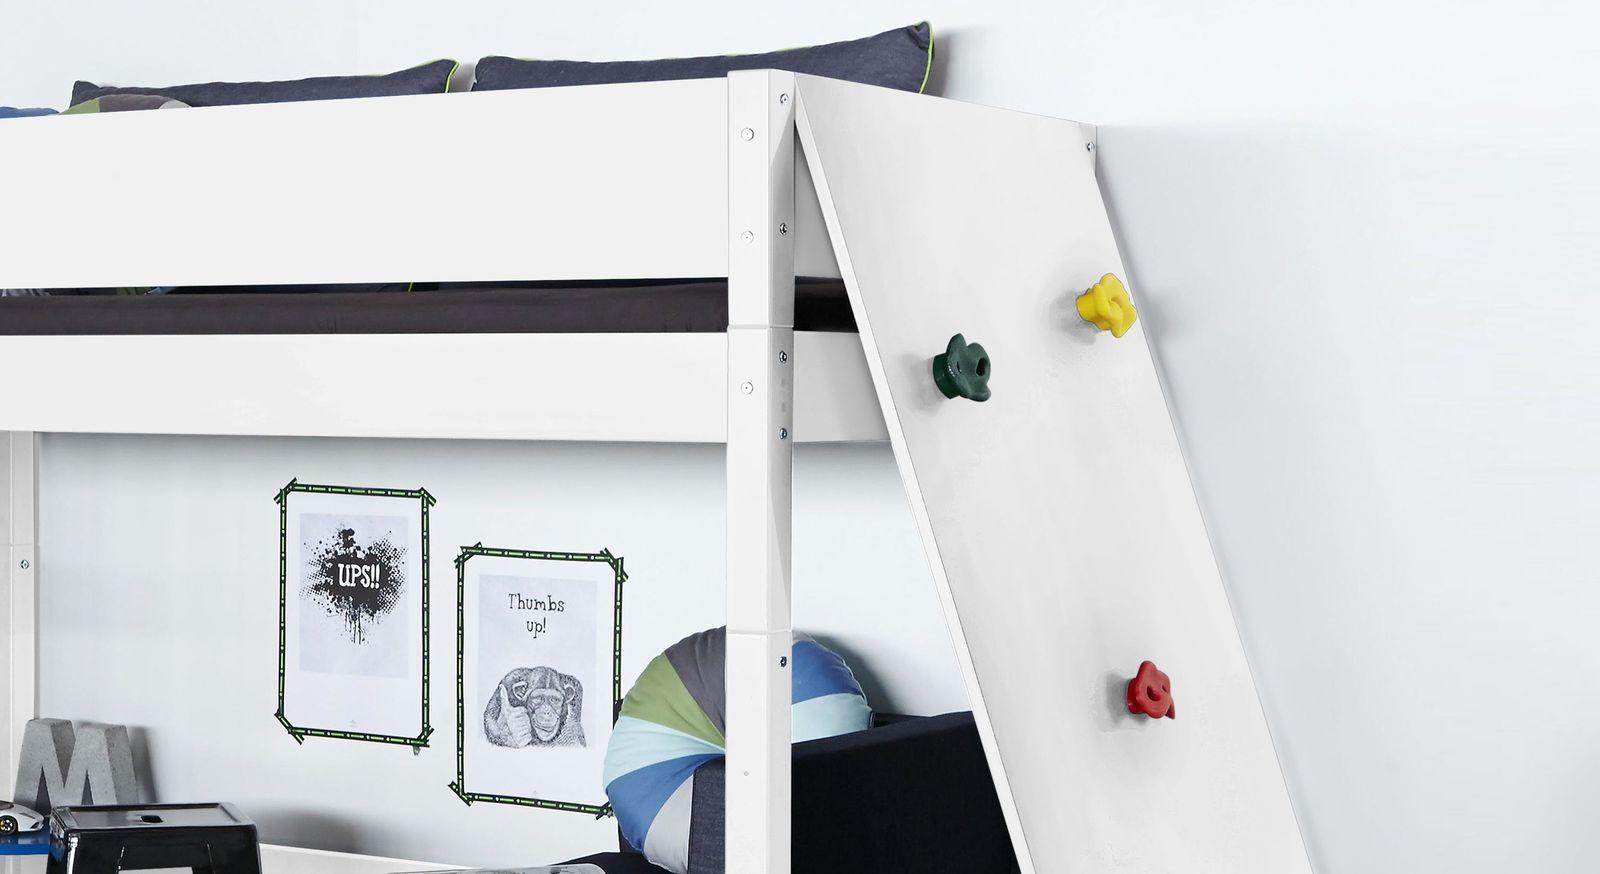 Midi-Hochbett Kids Town mit sicher angebrachten Kletterwand